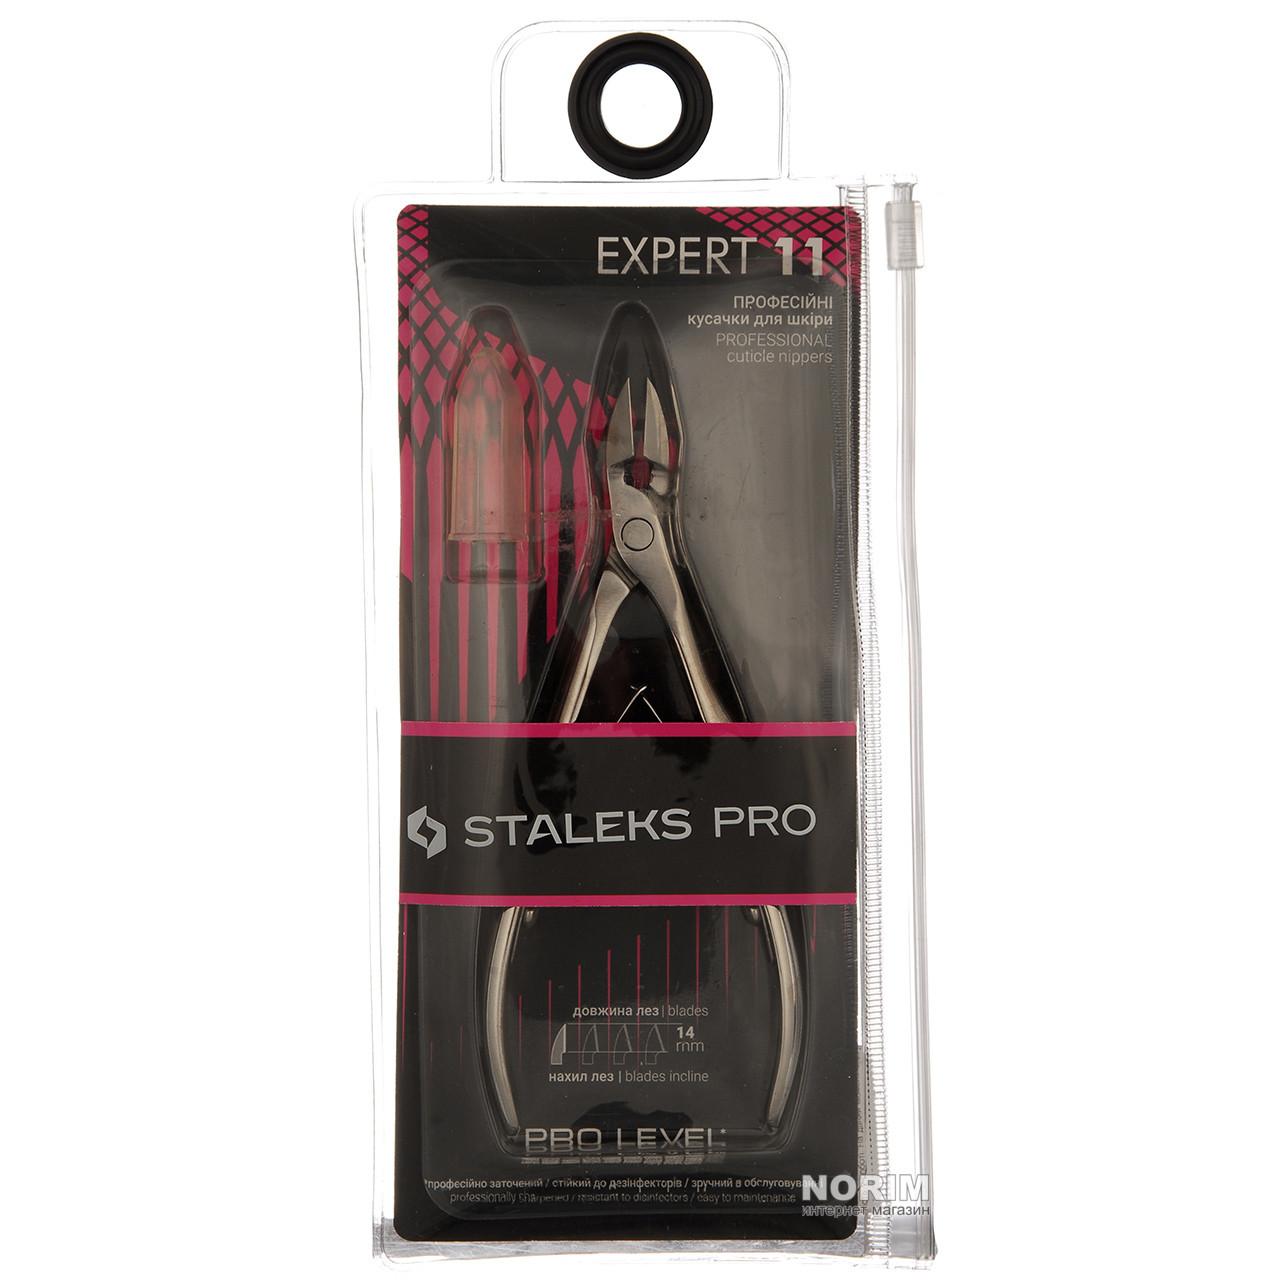 Кусачки профессиональные STALEKS PRO для кожи EXPERT 11 (NE-11-14 мм)